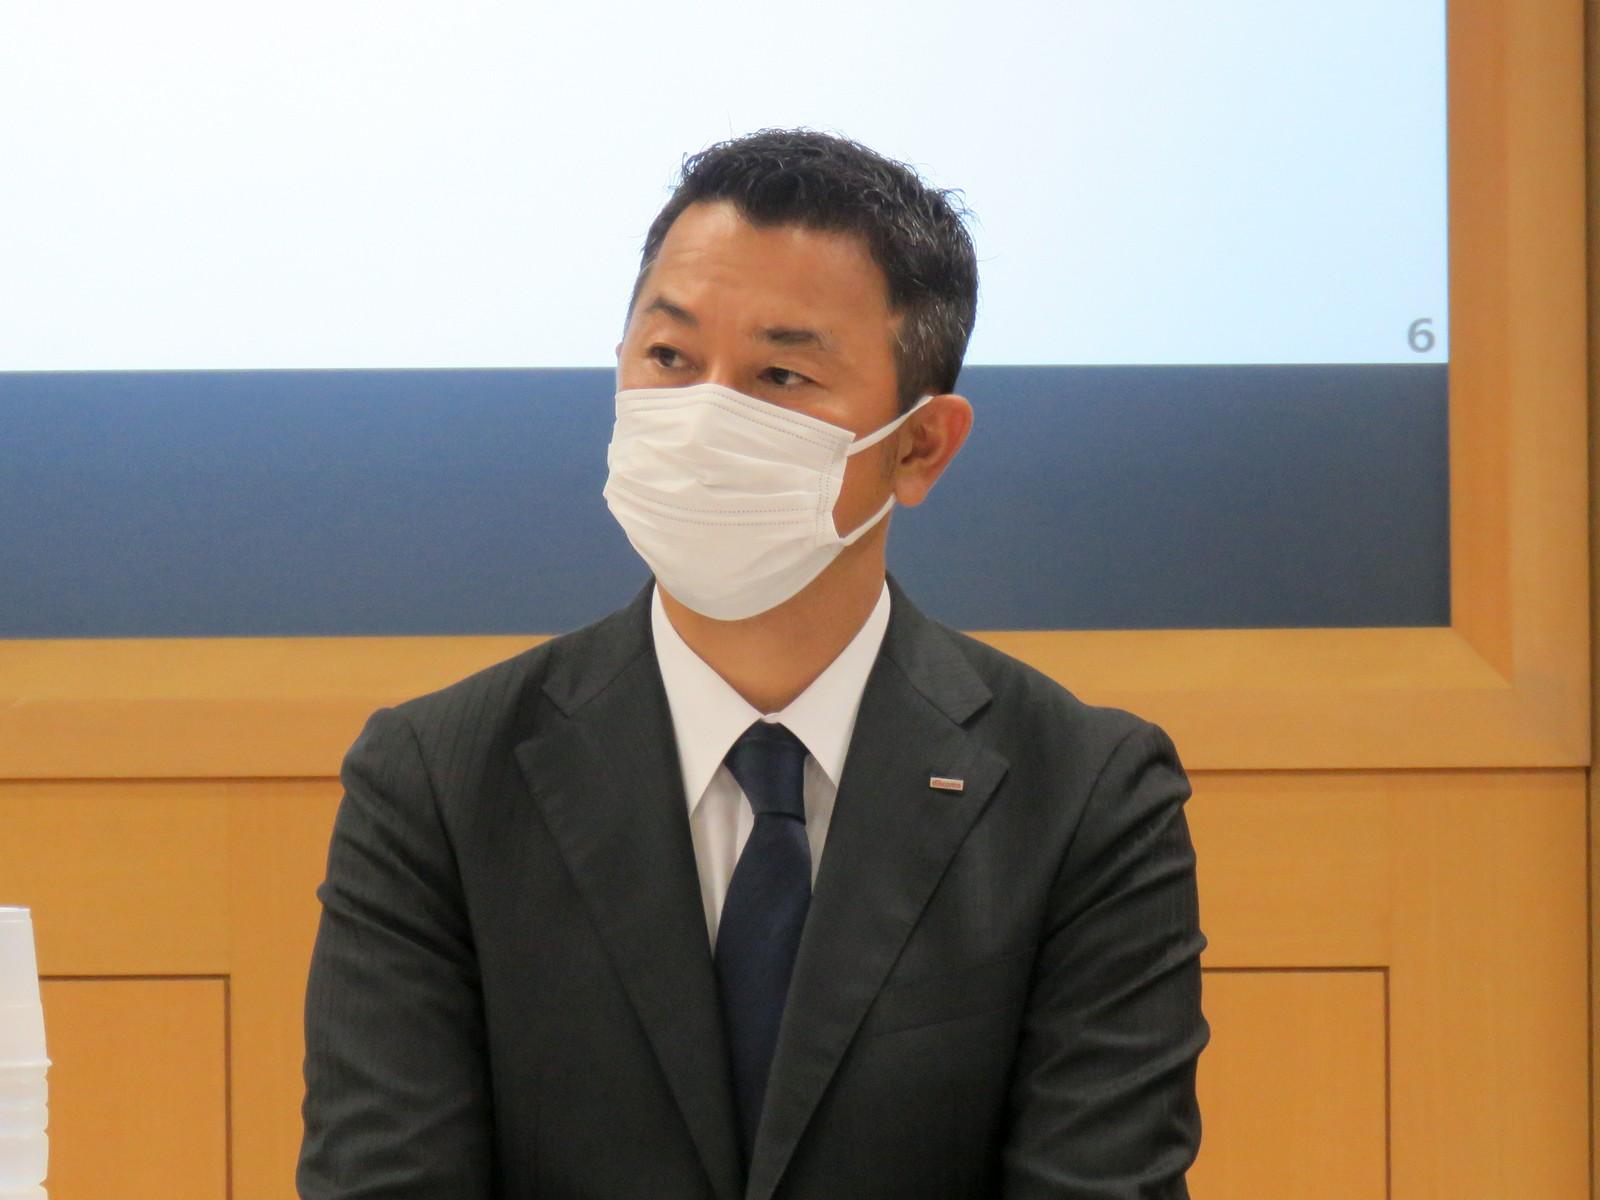 株式会社NTTドコモ常務執行役員マーケティングプラットフォーム本部長の前田義晃氏